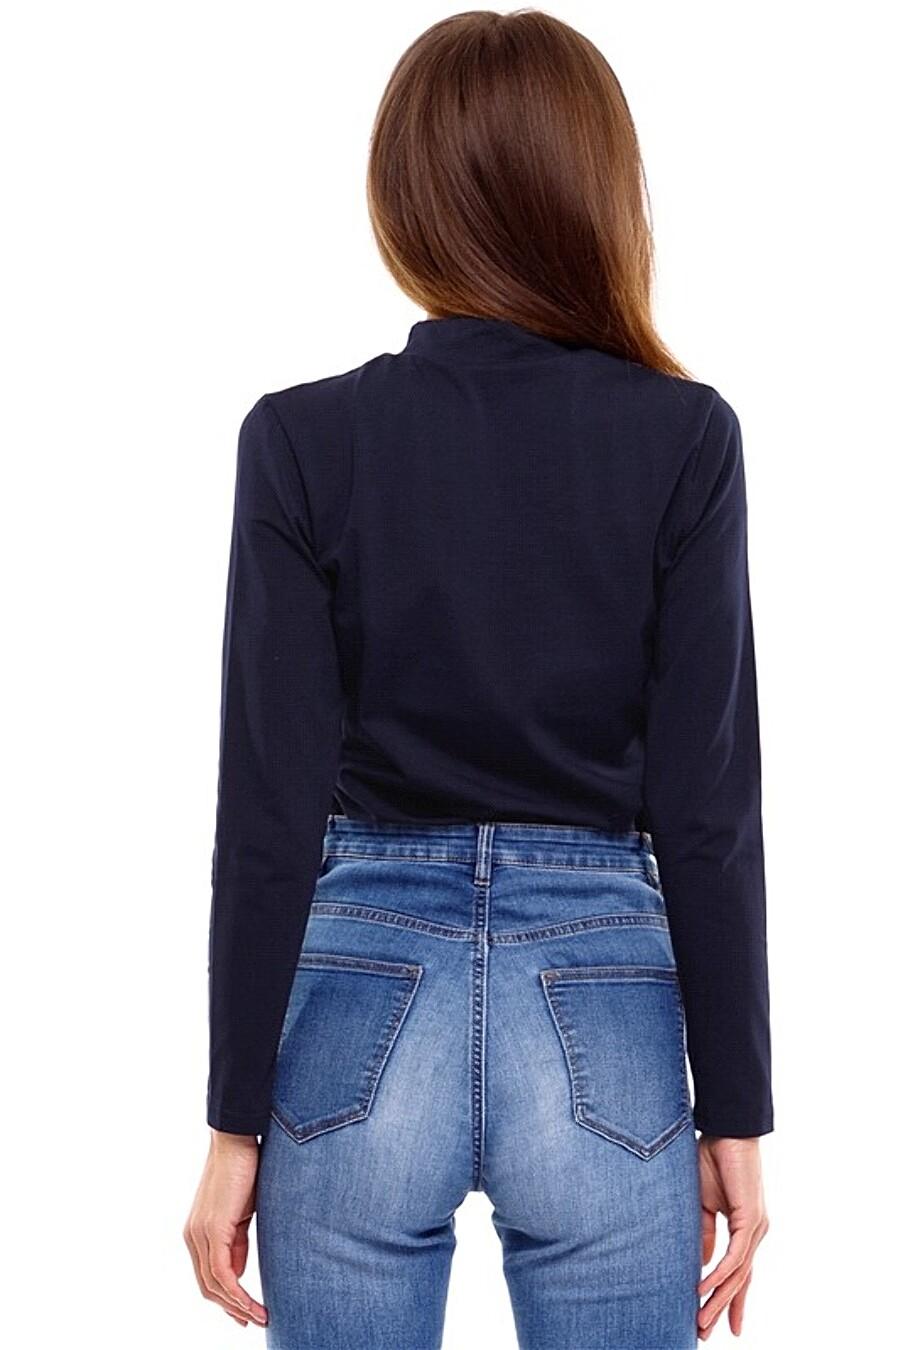 Водолазка  для женщин Archi 272695 купить оптом от производителя. Совместная покупка женской одежды в OptMoyo